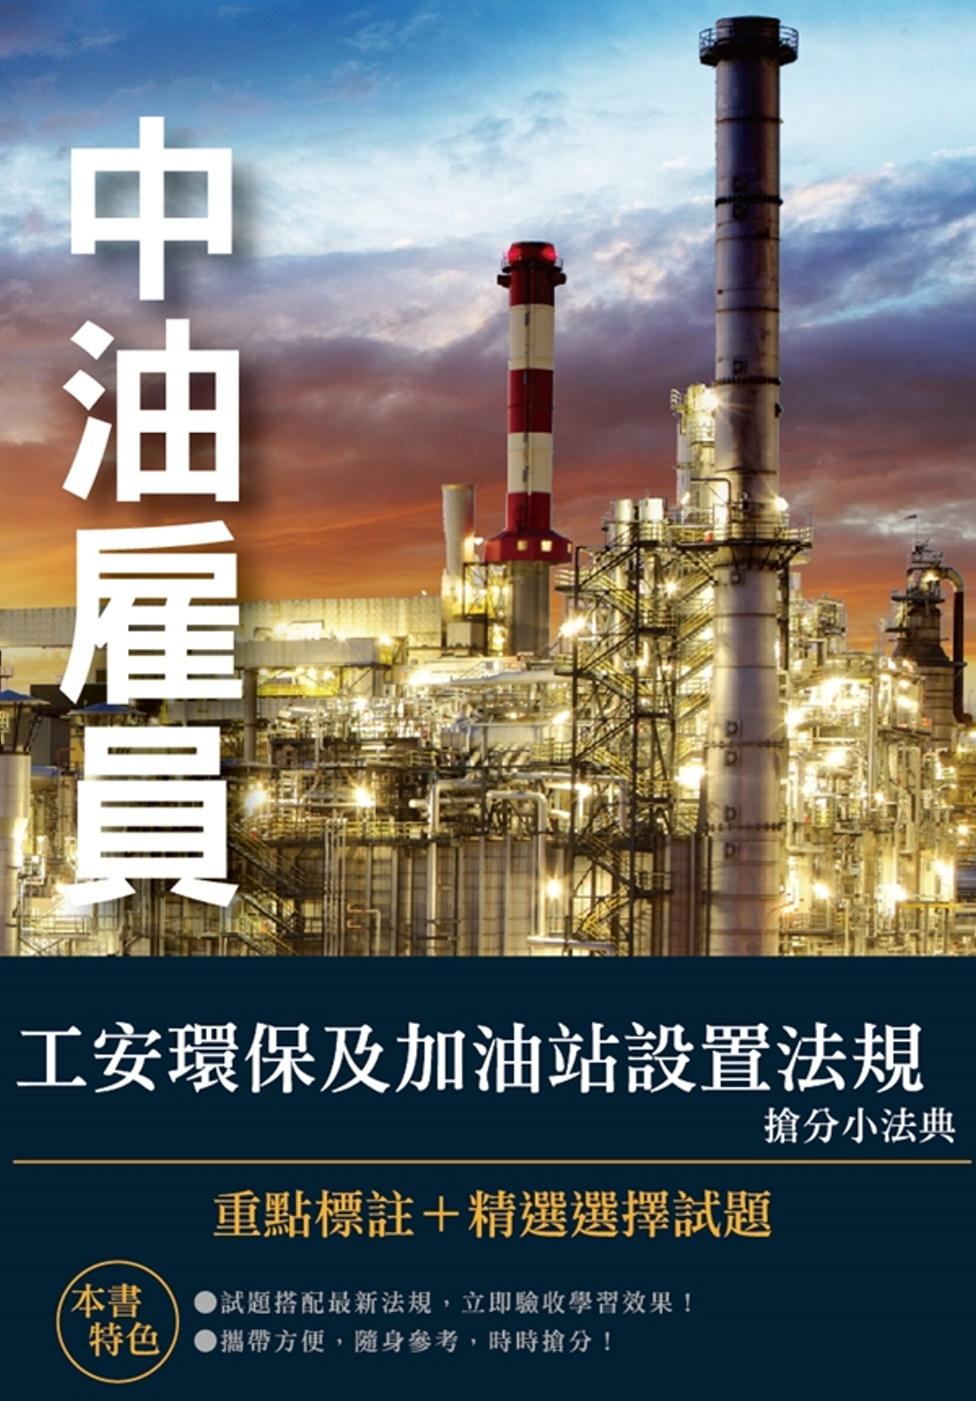 工安環保及加油站設置法規搶分小法典(中油雇員適用)(四版)